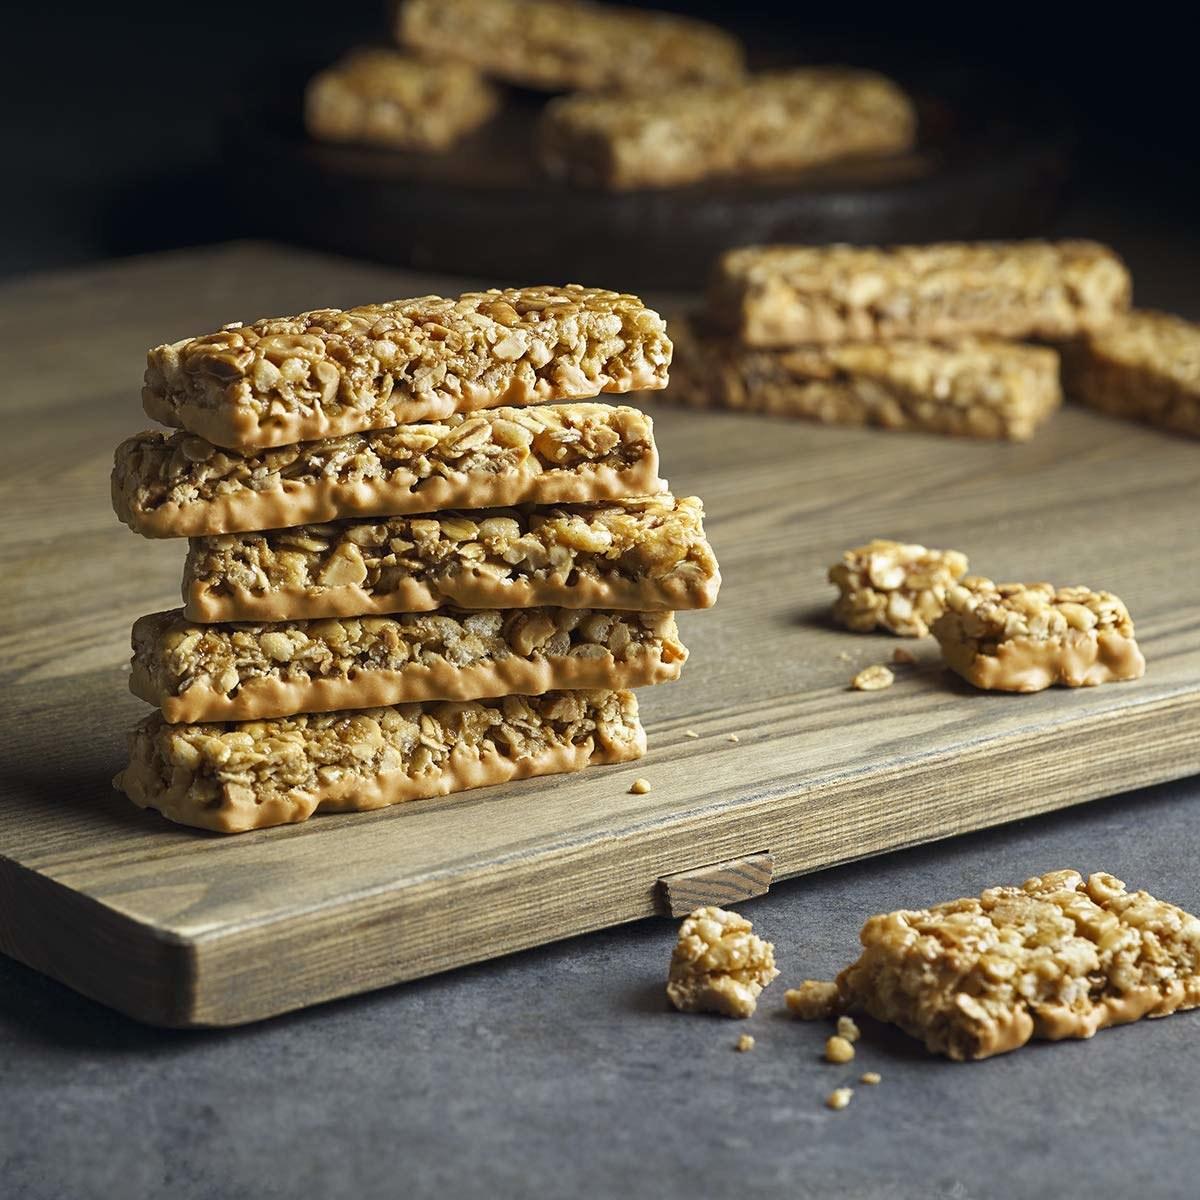 The granola bars